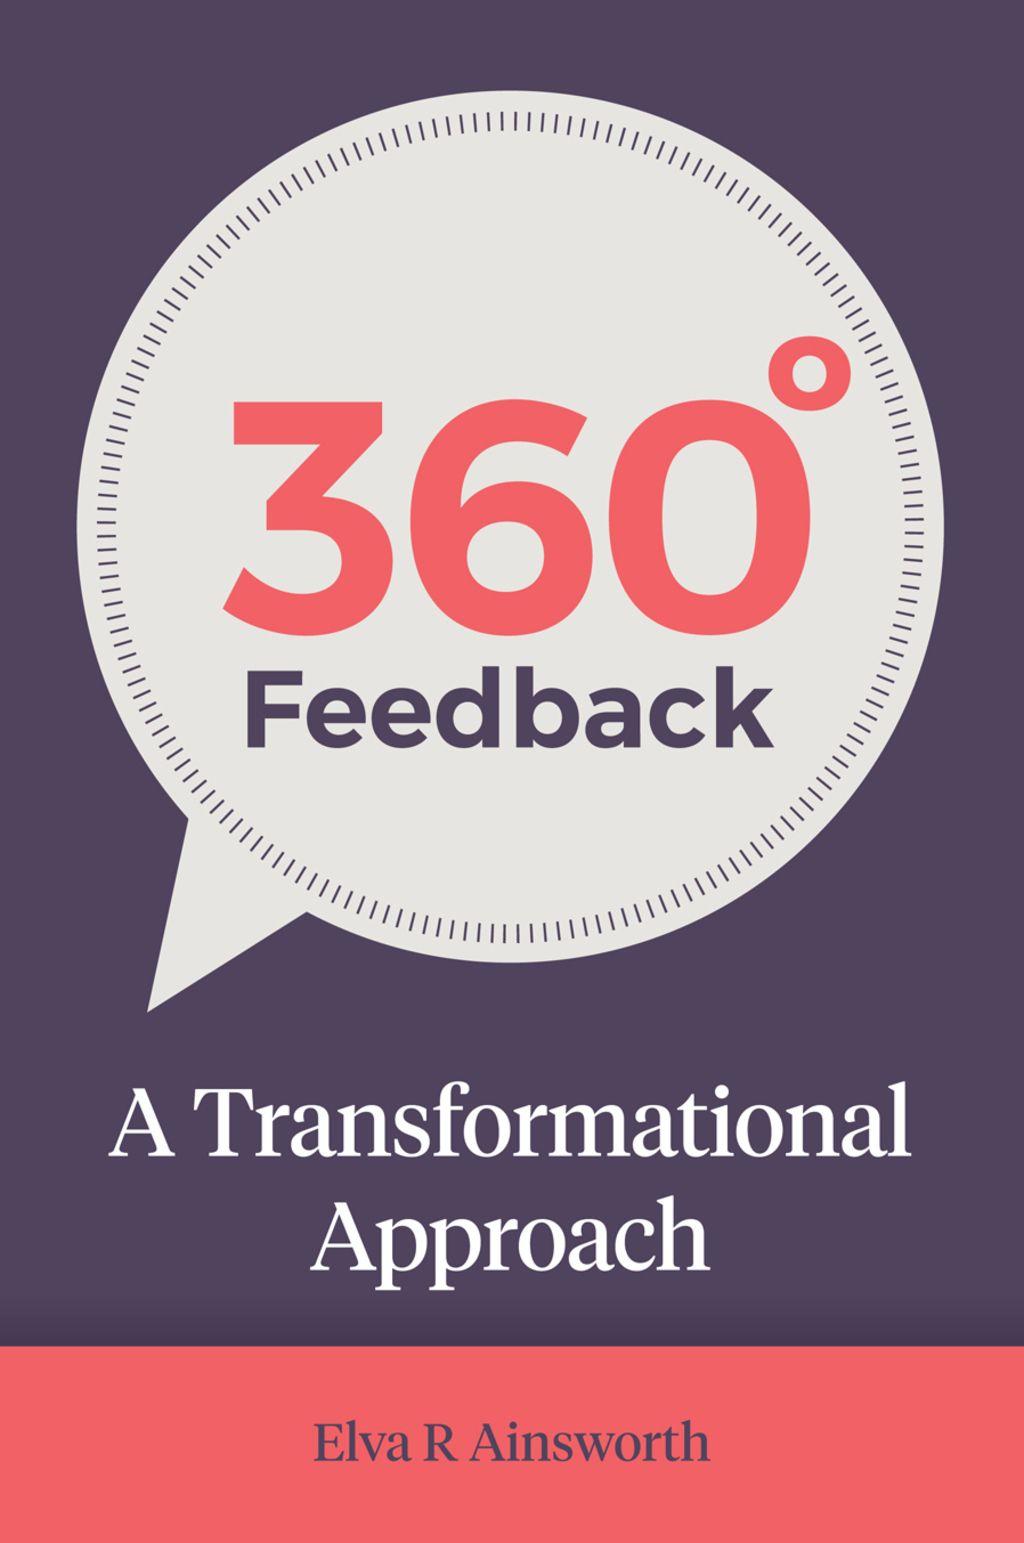 360 Degree Feedback A Transformational Approach Ebook